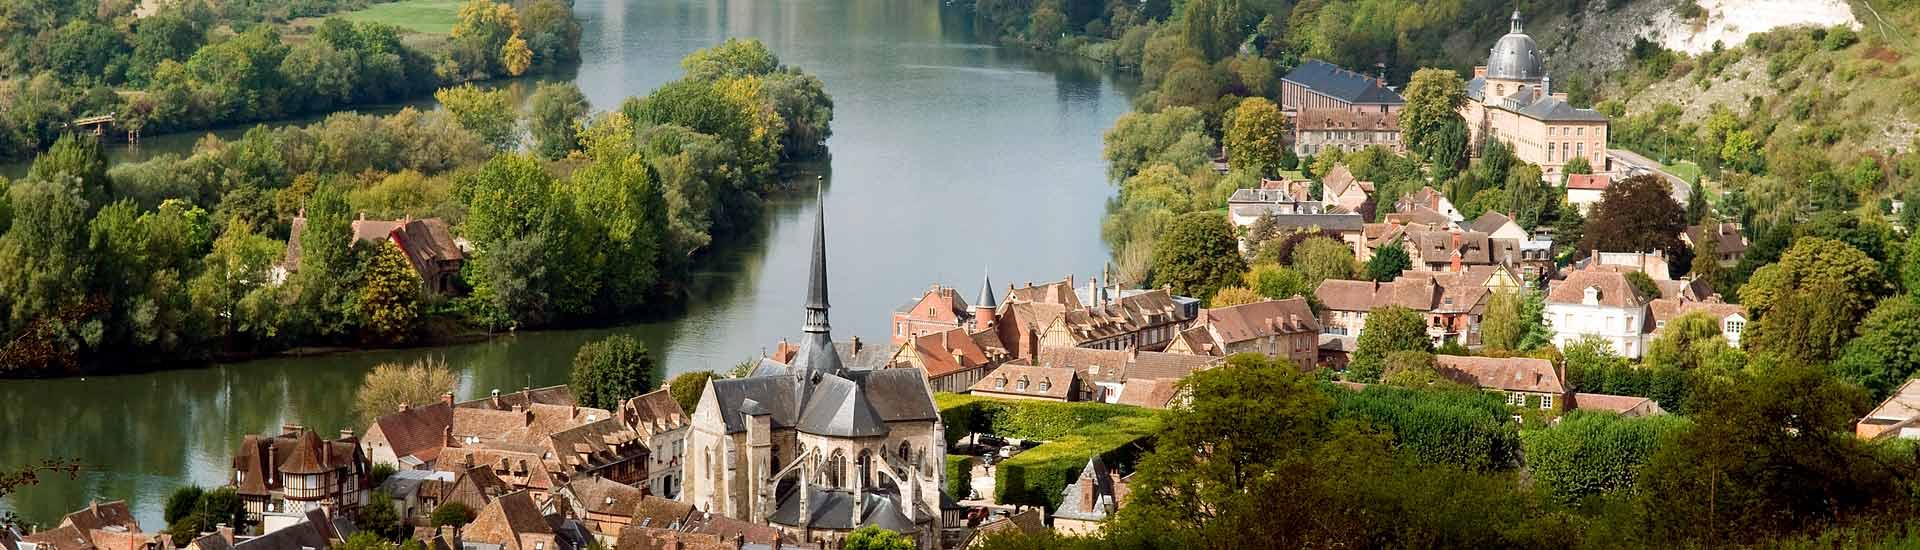 Matka Ranskaan Seine jokiristeily